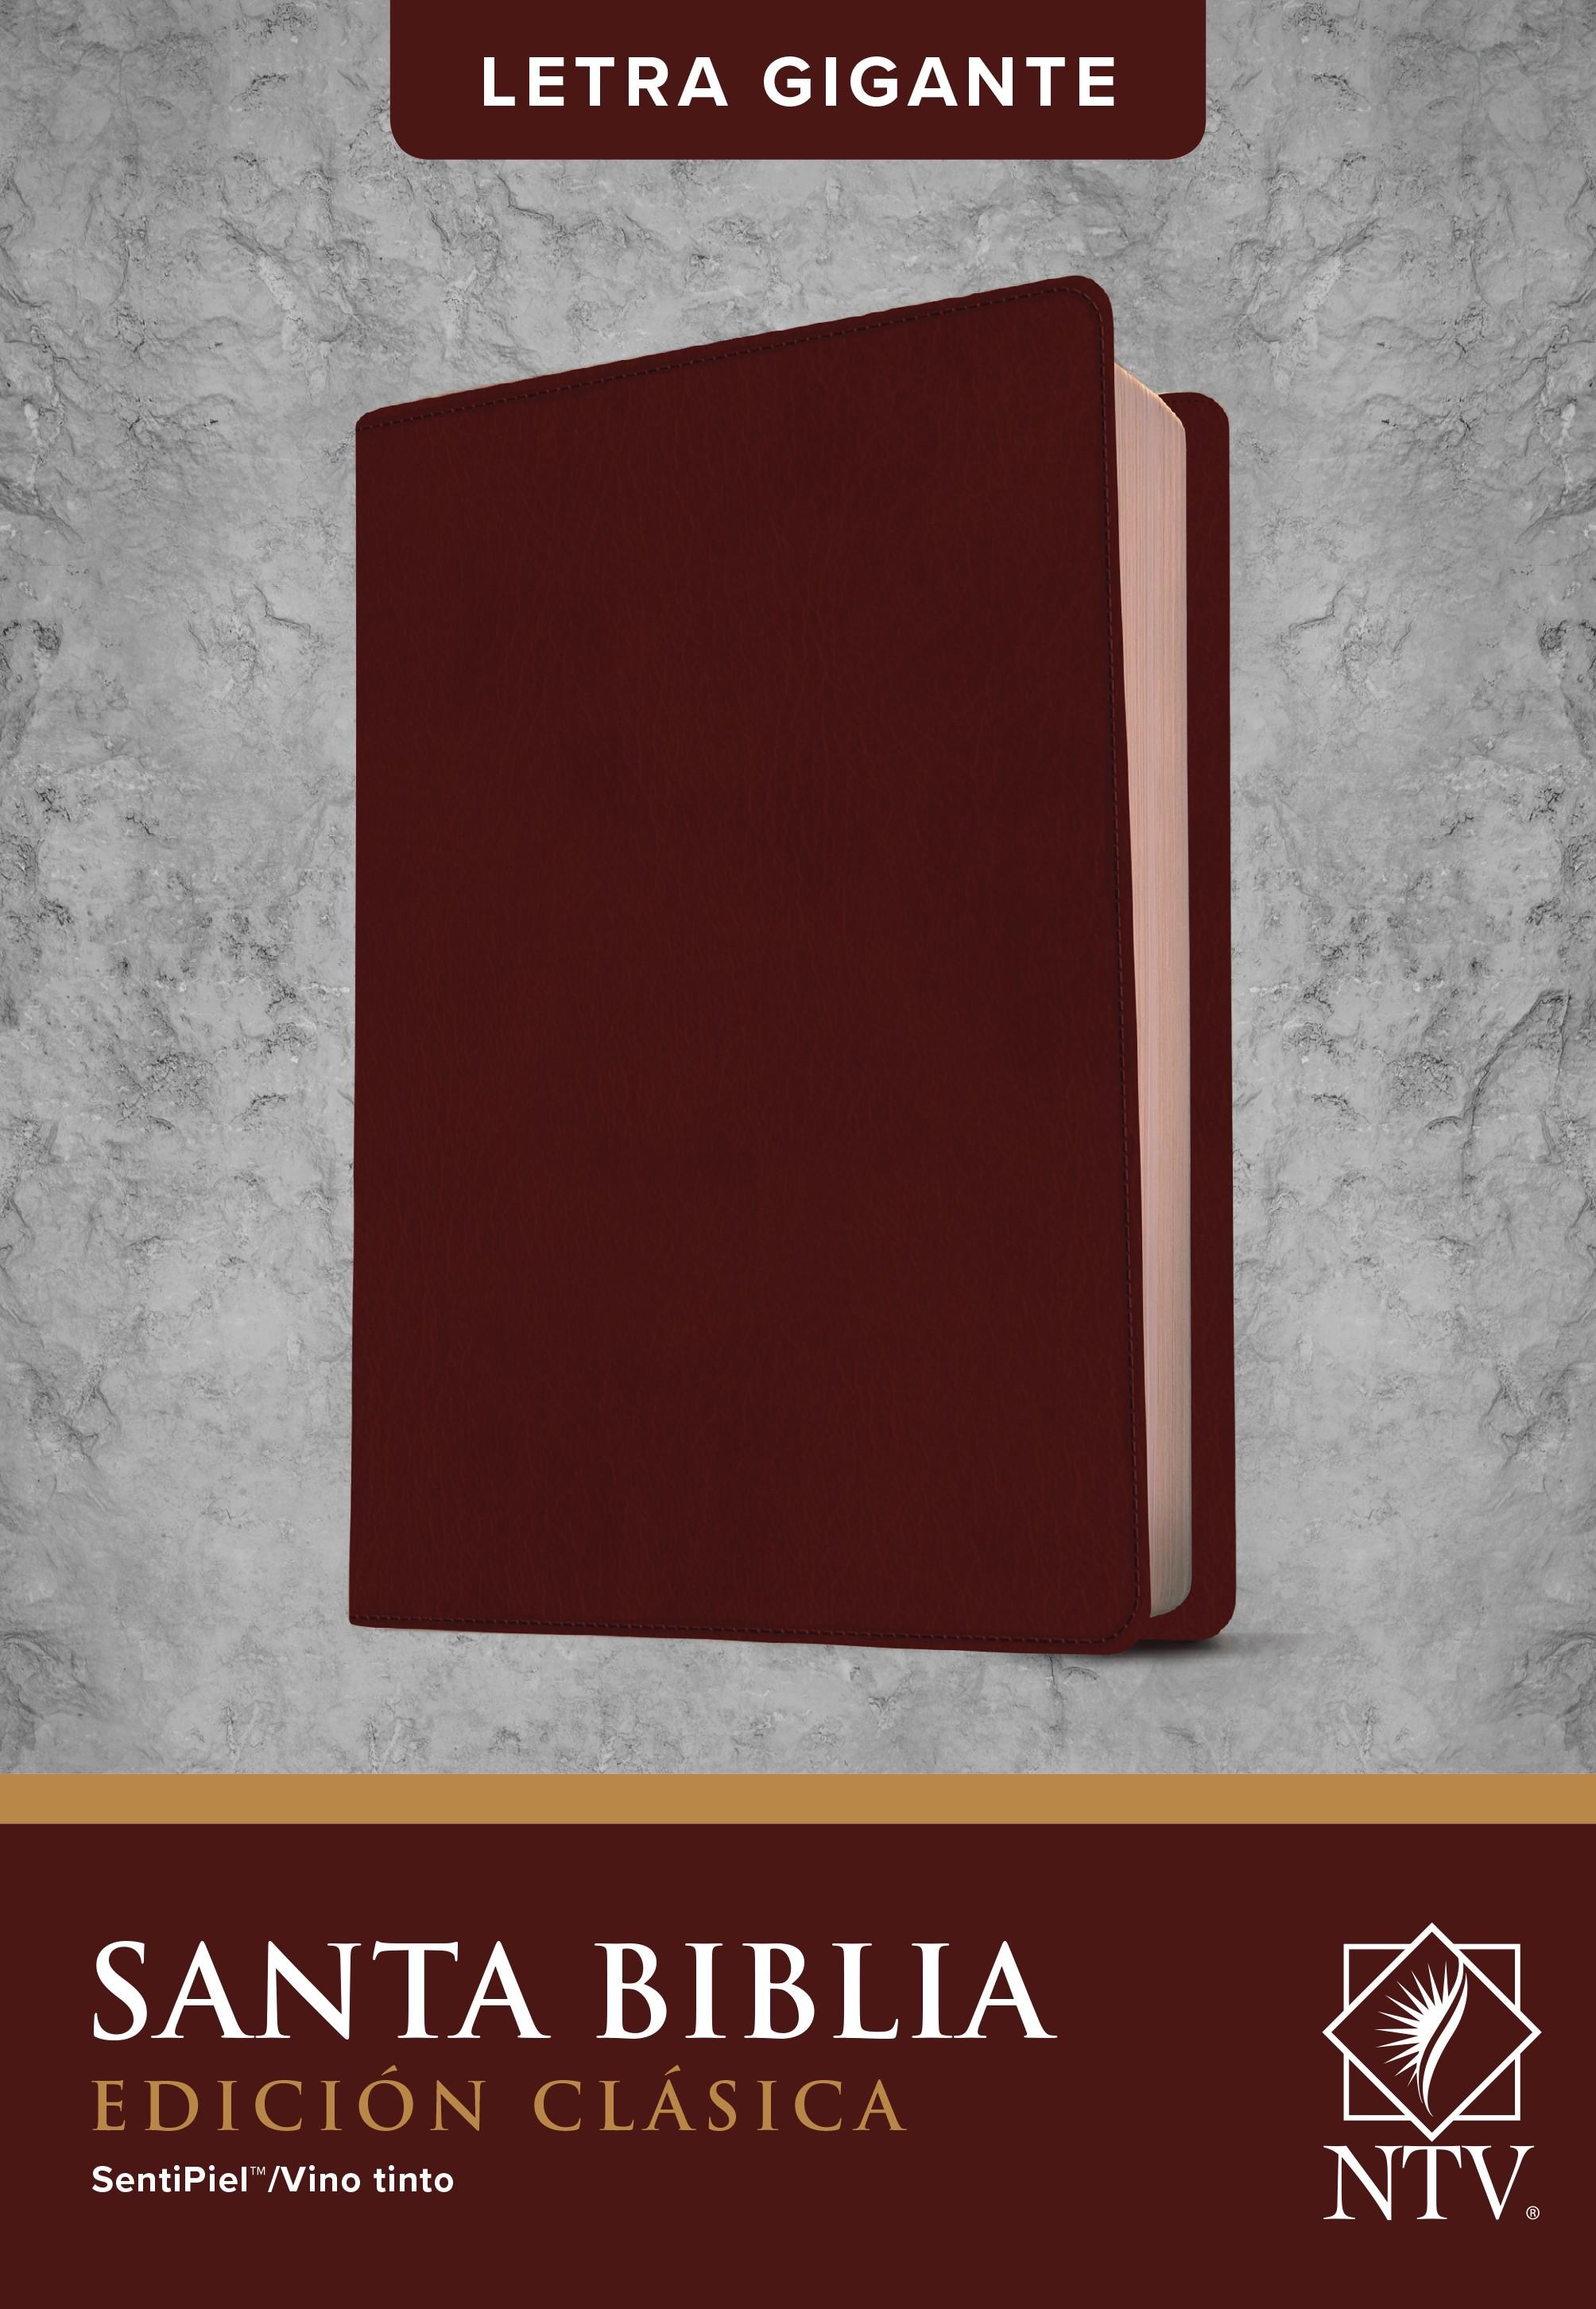 Santa Biblia NTV, Edición clásica, letra gigante (Letra Roja, SentiPiel, Vino tinto, Índice)